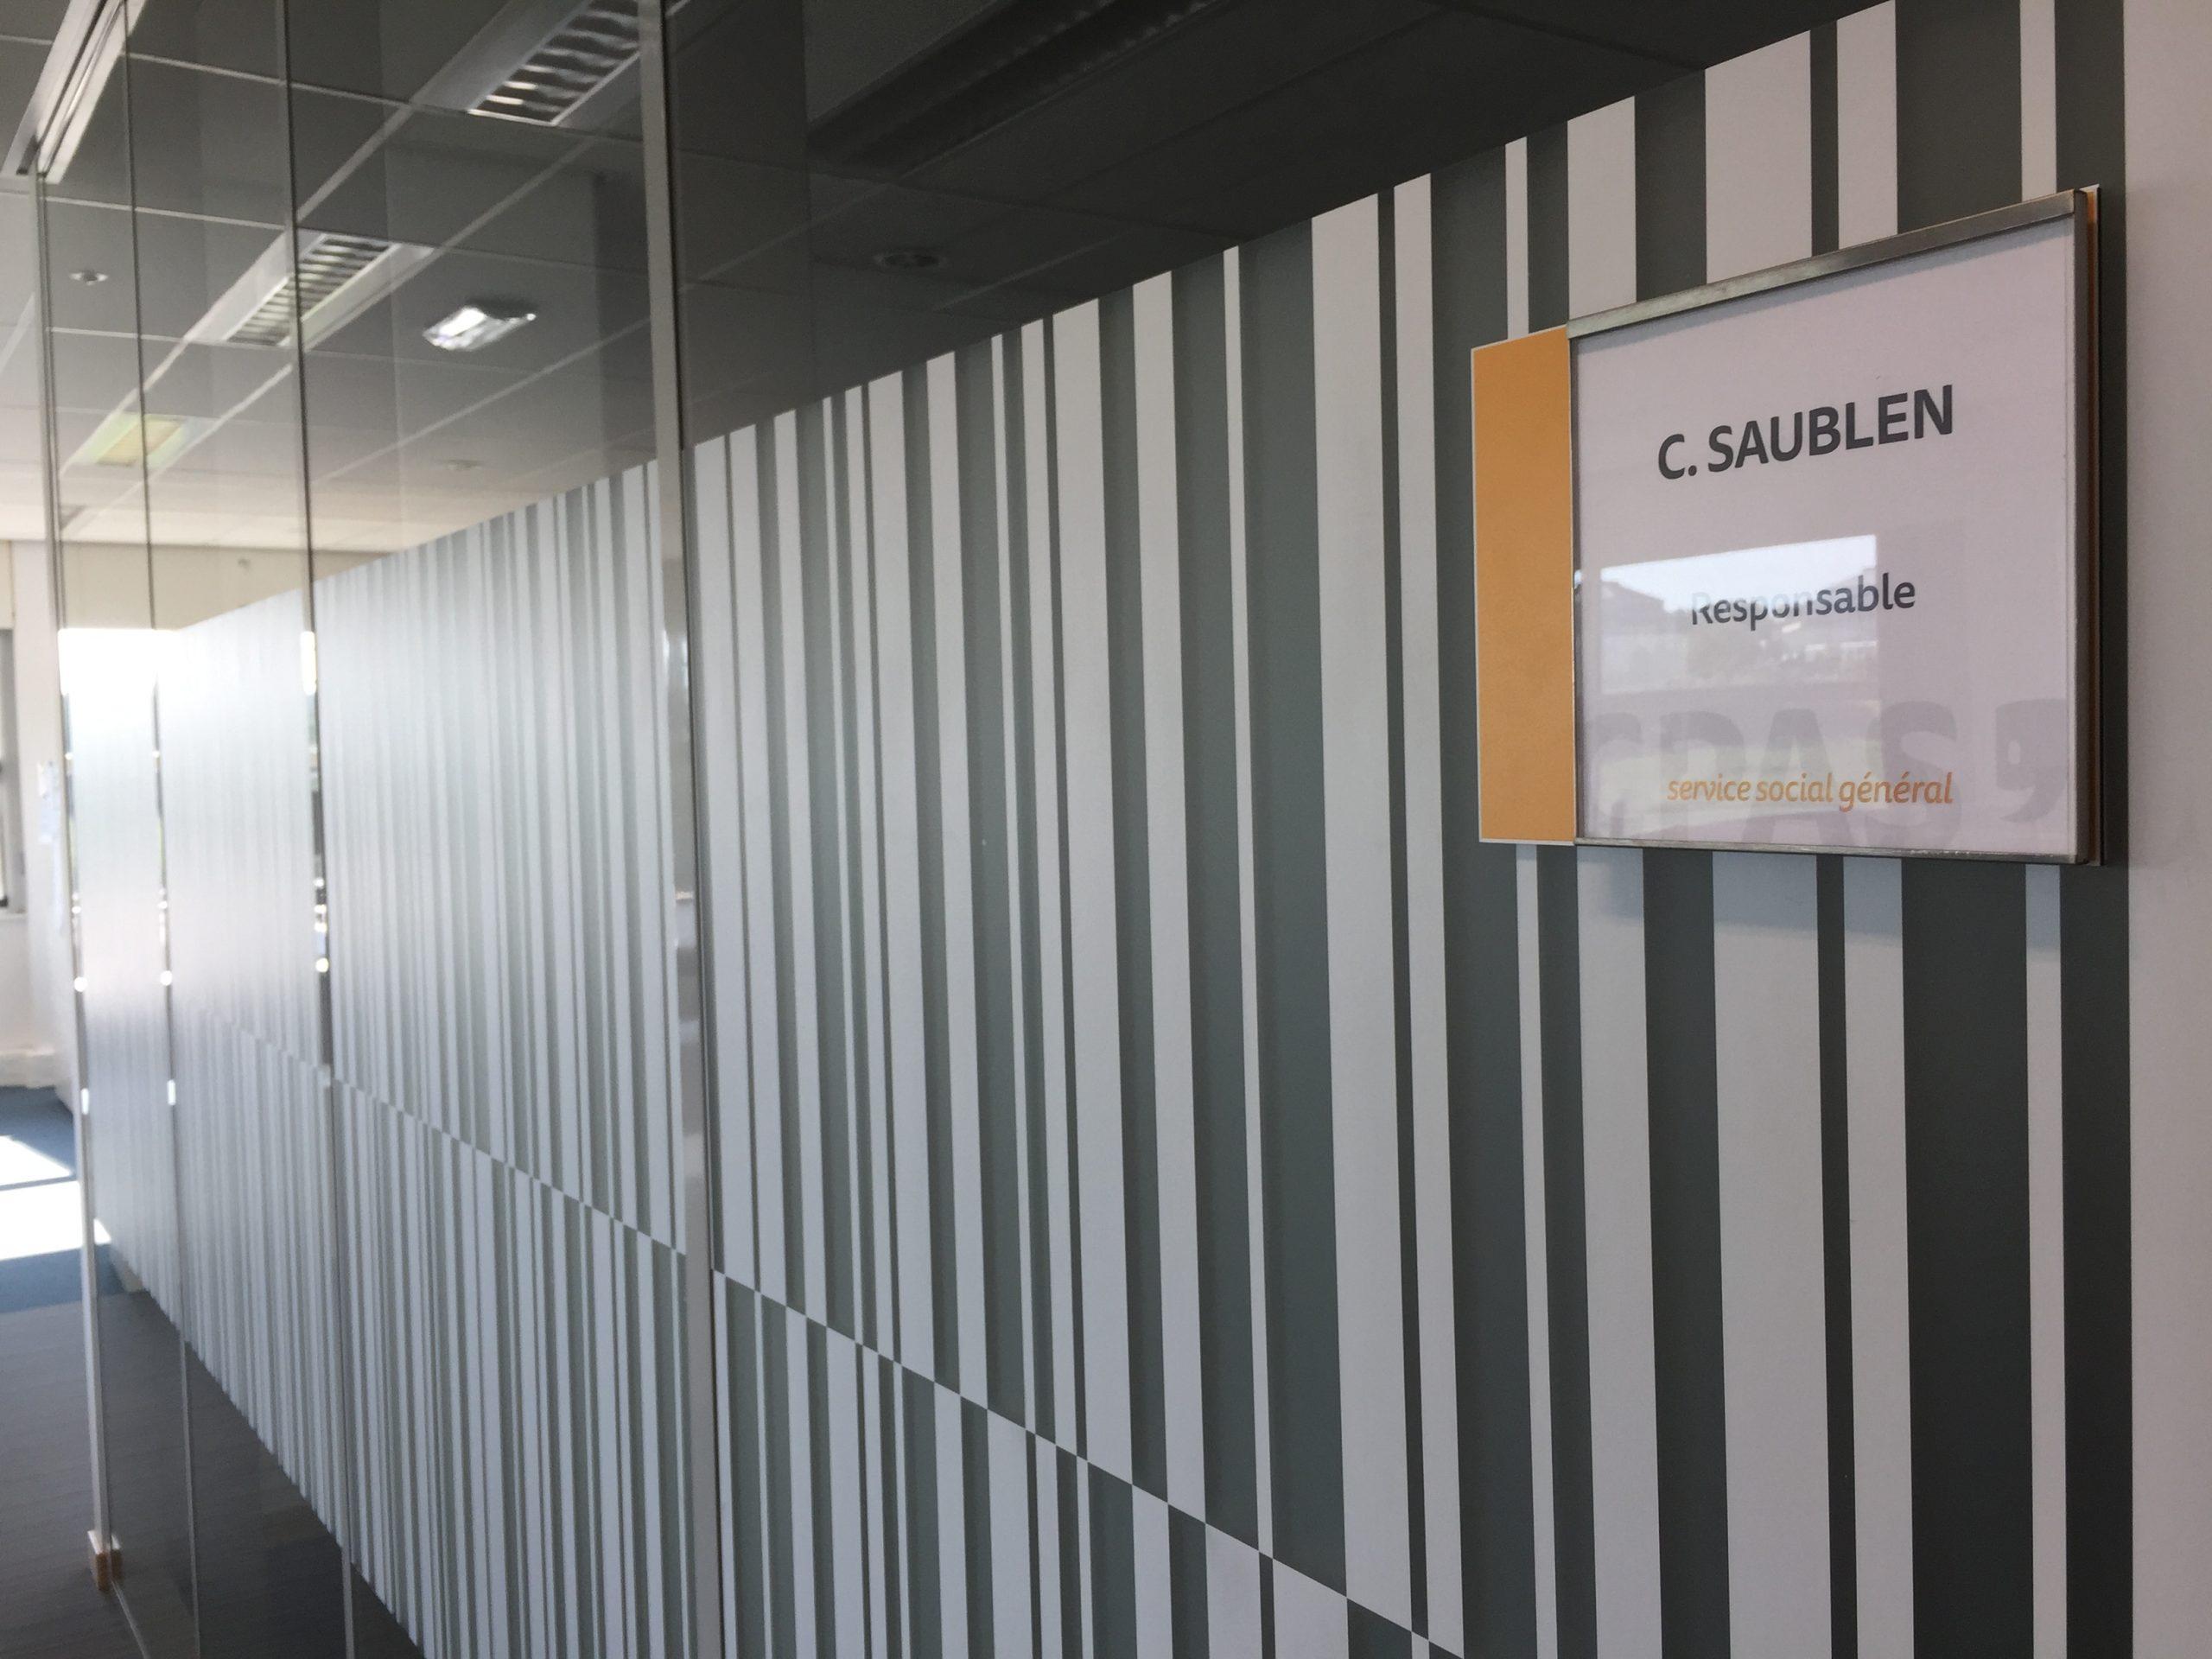 Wayfinding – deurnaamborden om de signalisatie in het gebouw te versterken, gepersonaliseerd aan de huisstijl by actual sign member of the remotec group